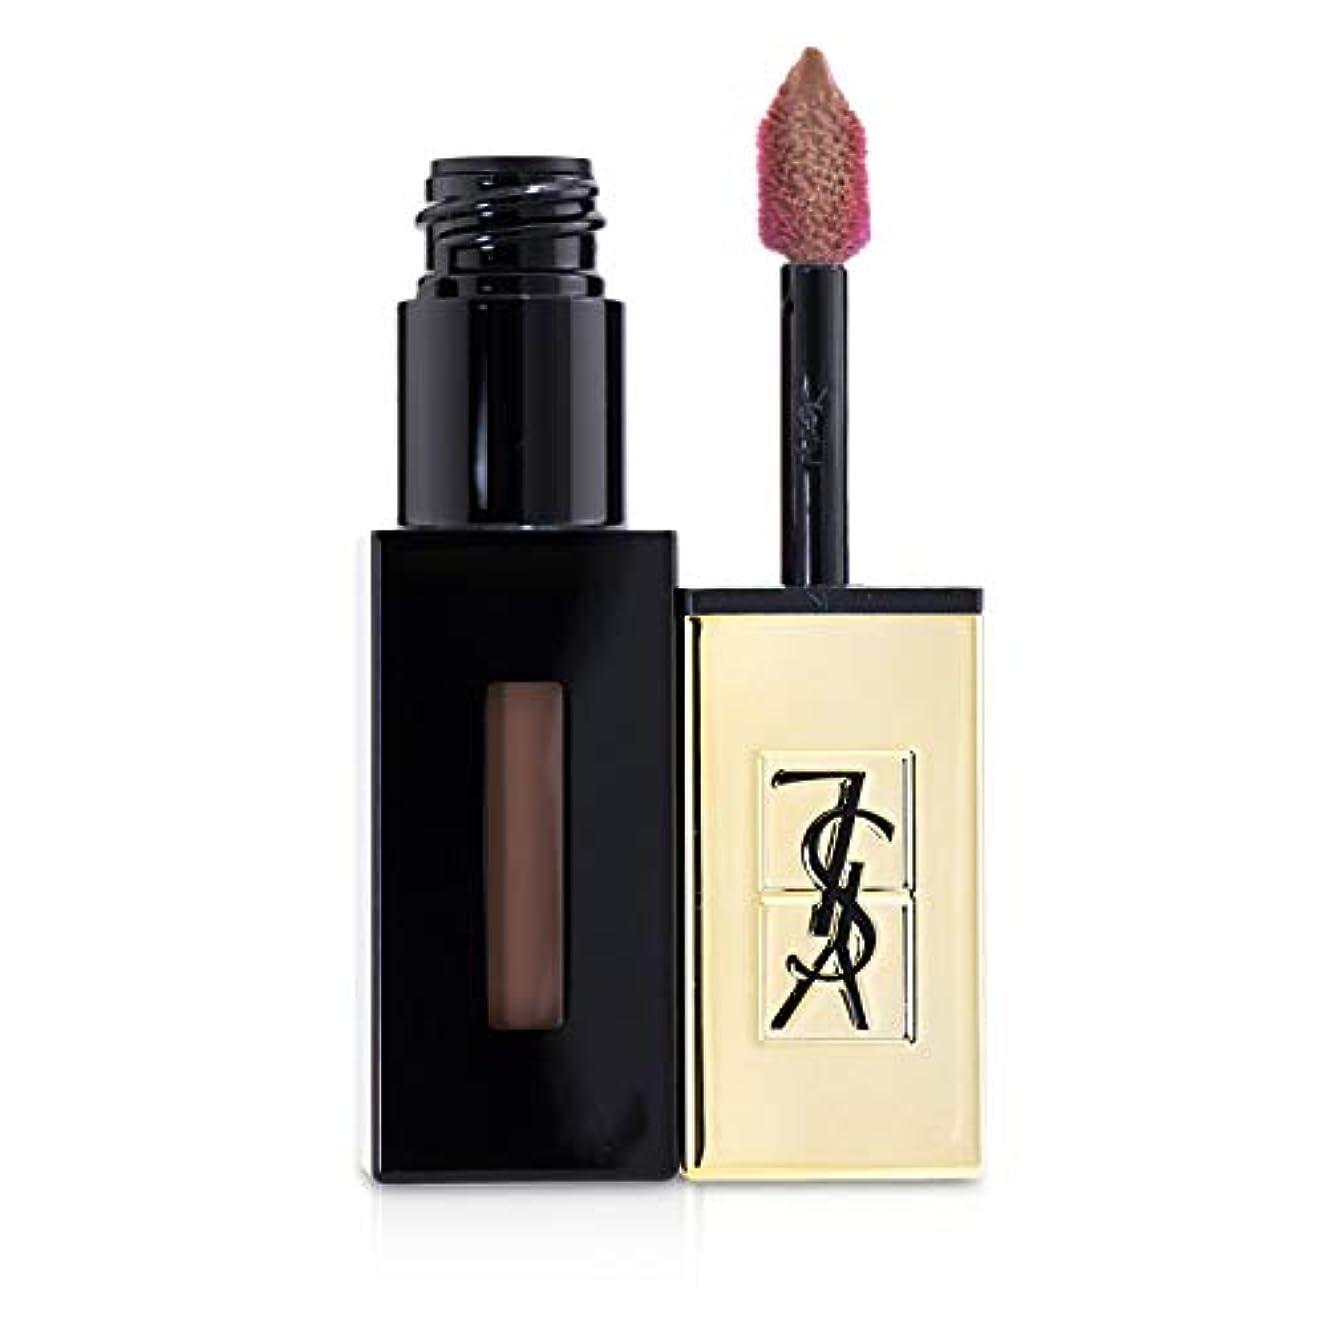 塊明るい復讐イヴ?サンローラン Rouge Pur Couture Vernis a Levres Glossy Stain - # 55 Beige Estampe 6ml/0.2oz並行輸入品